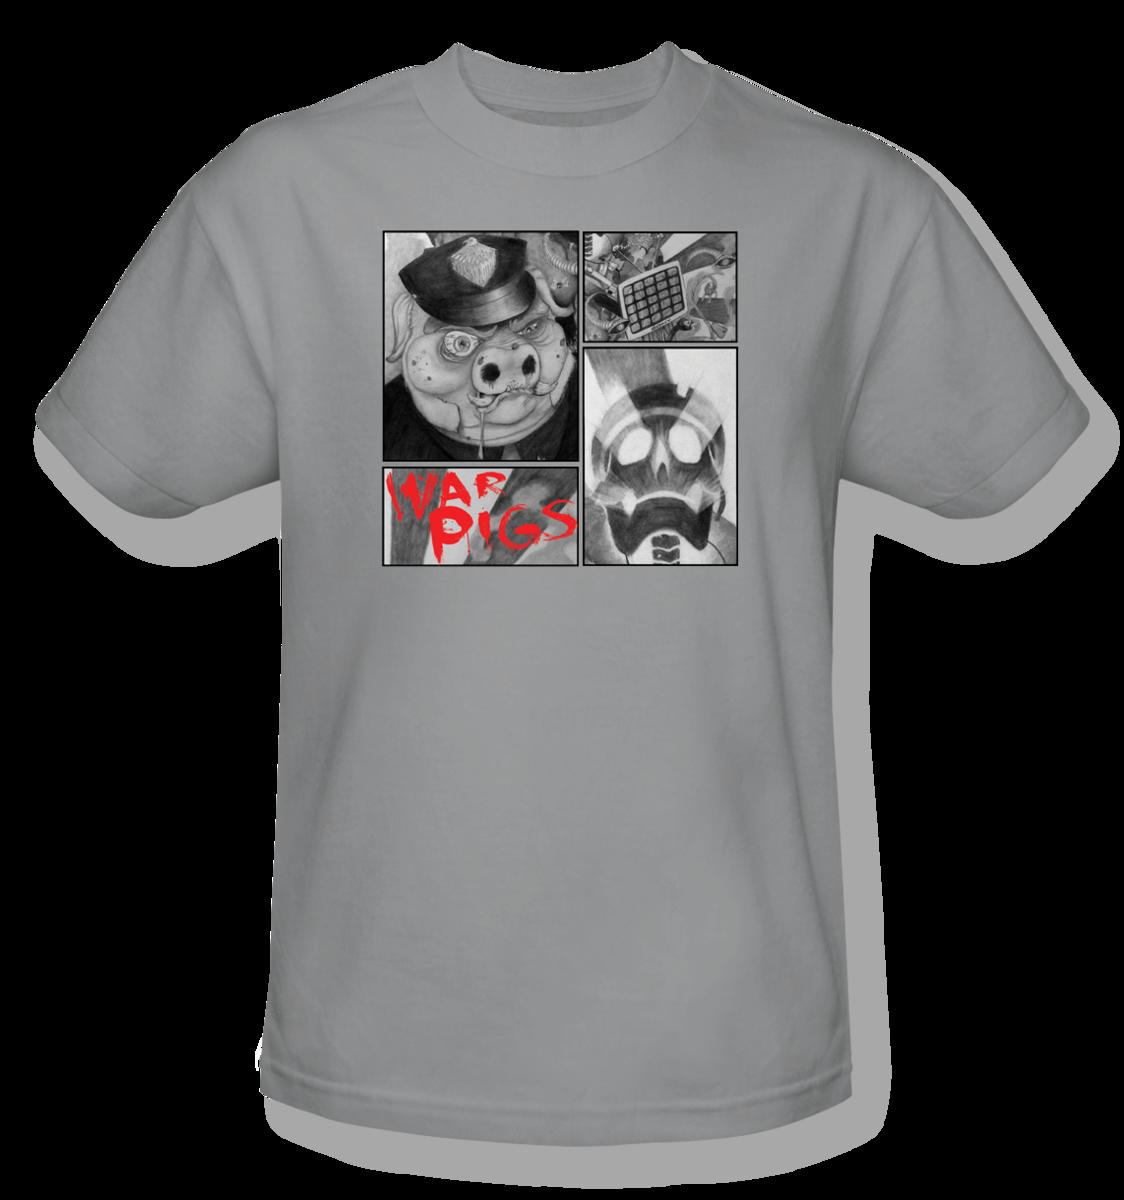 D13HARD™: War Pigs T-Shirt + FREE MUSIC DOWNLOAD - Parental Advisory Shirt